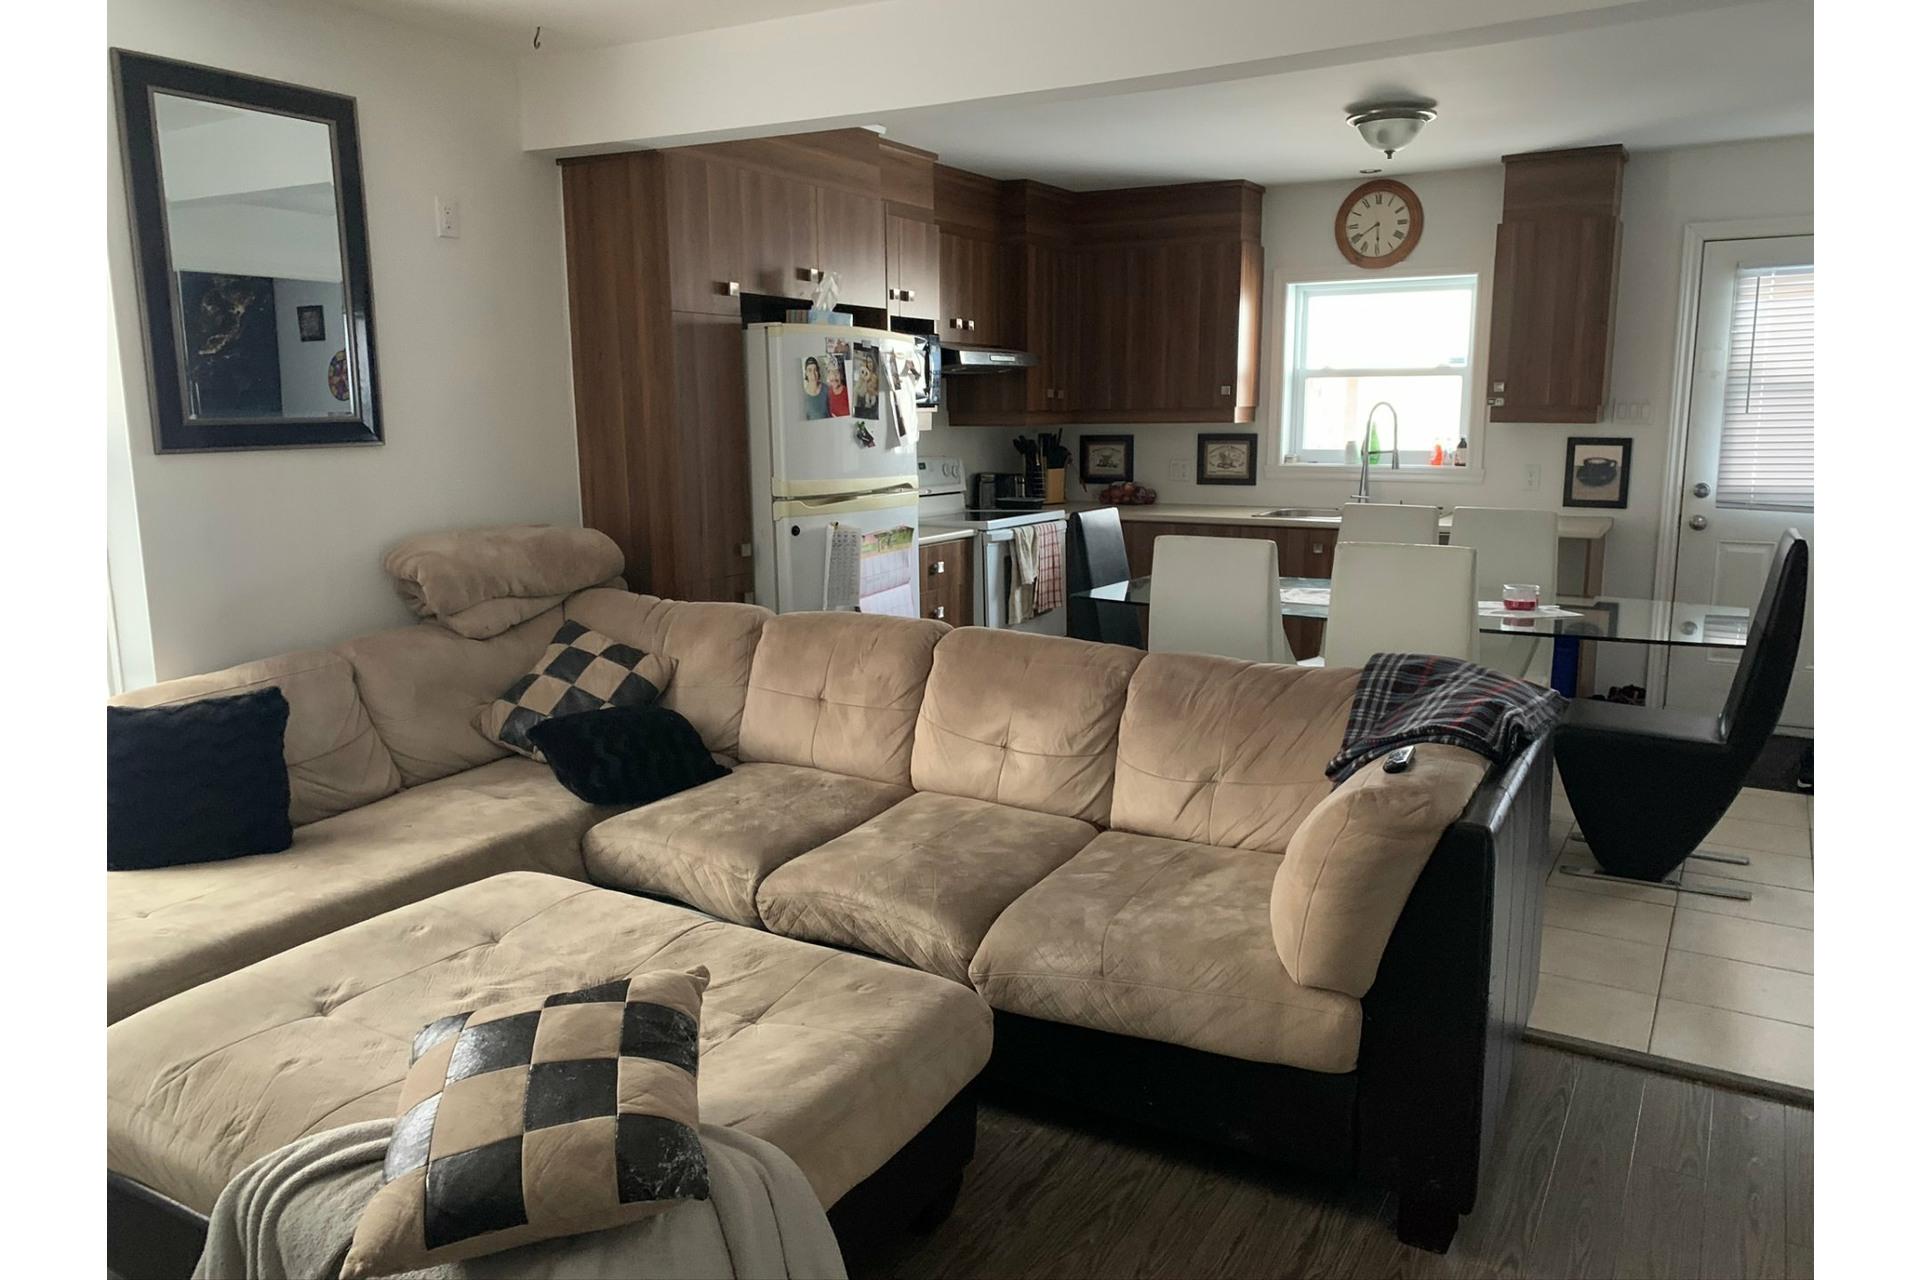 image 6 - Duplex For sale Trois-Rivières - 6 rooms